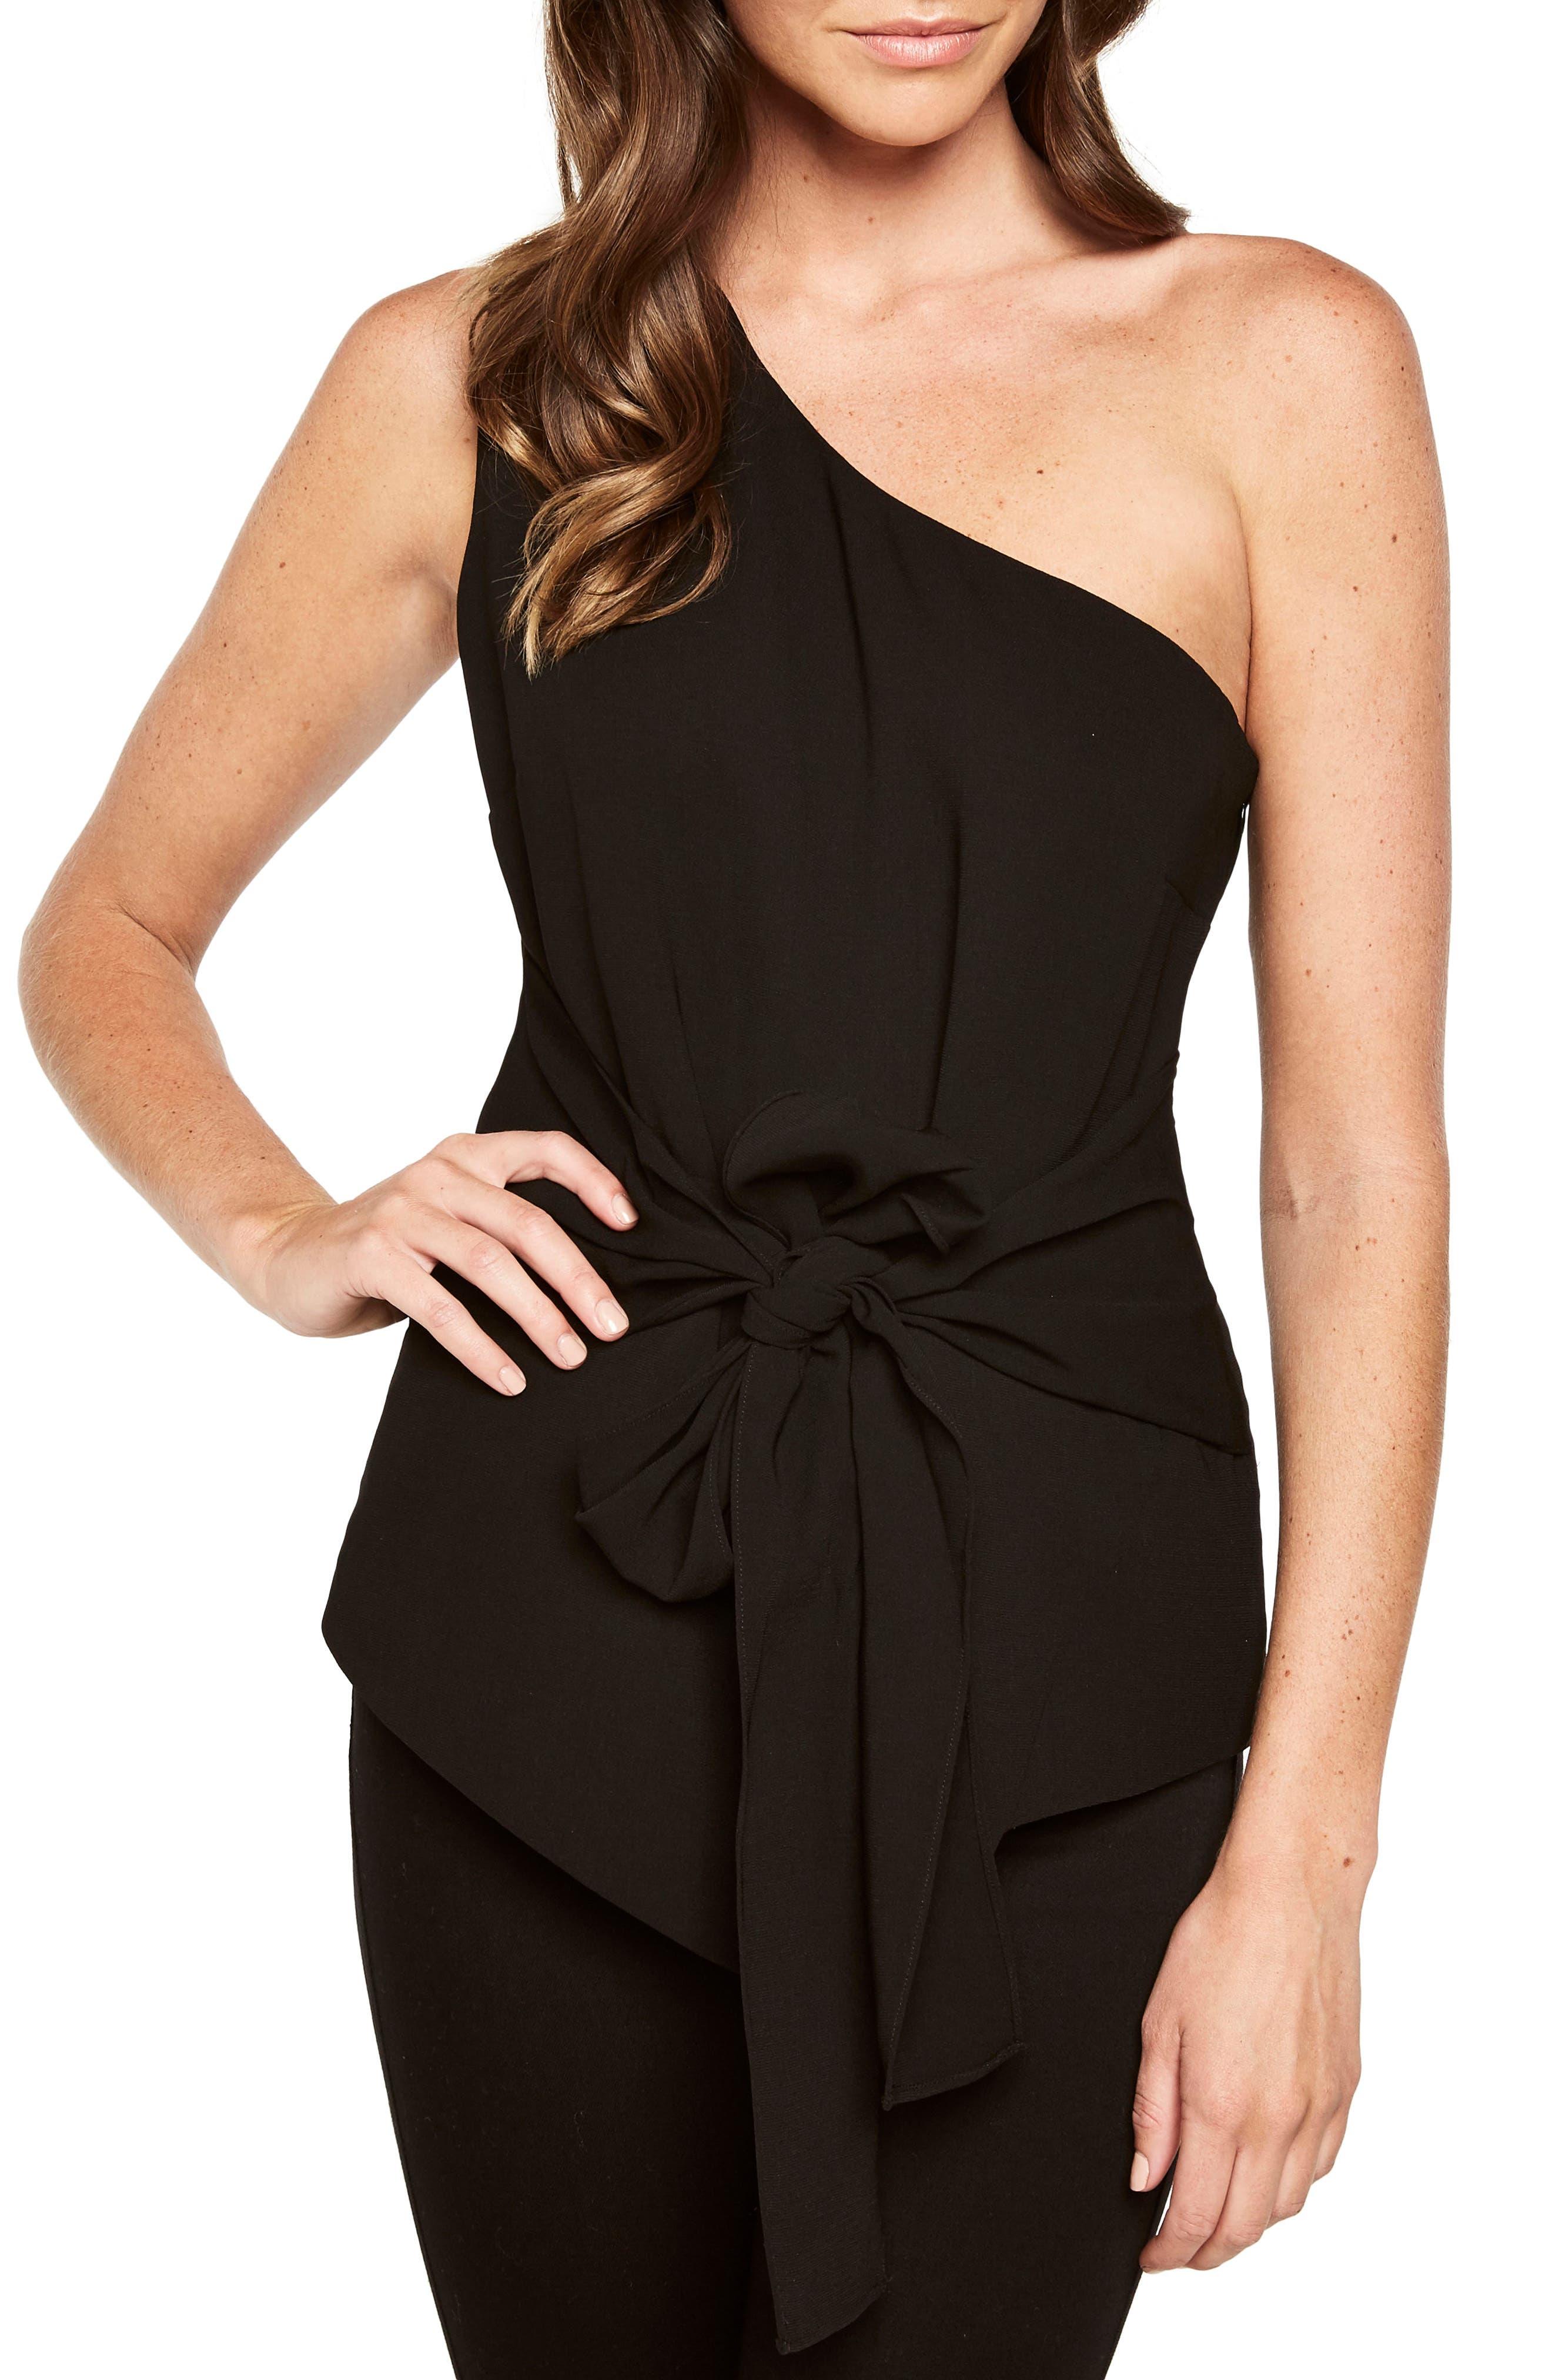 Main Image - Bardot Bow Sash One-Shoulder Top